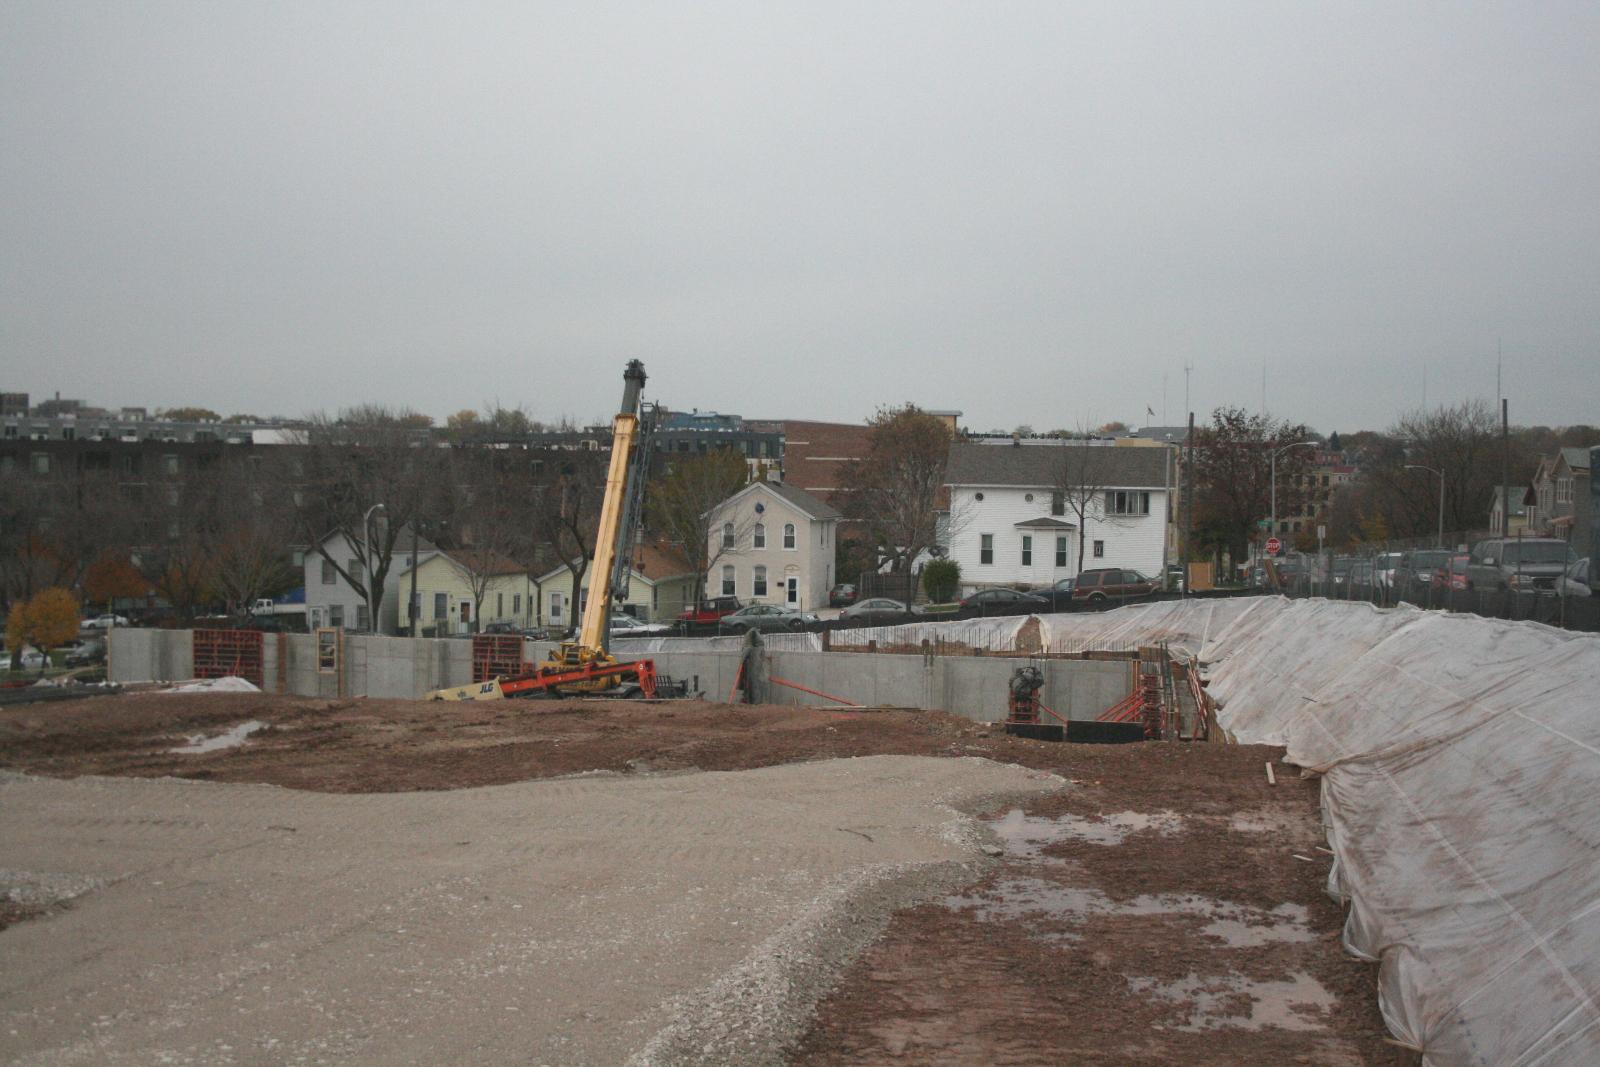 The Avenir construction site.